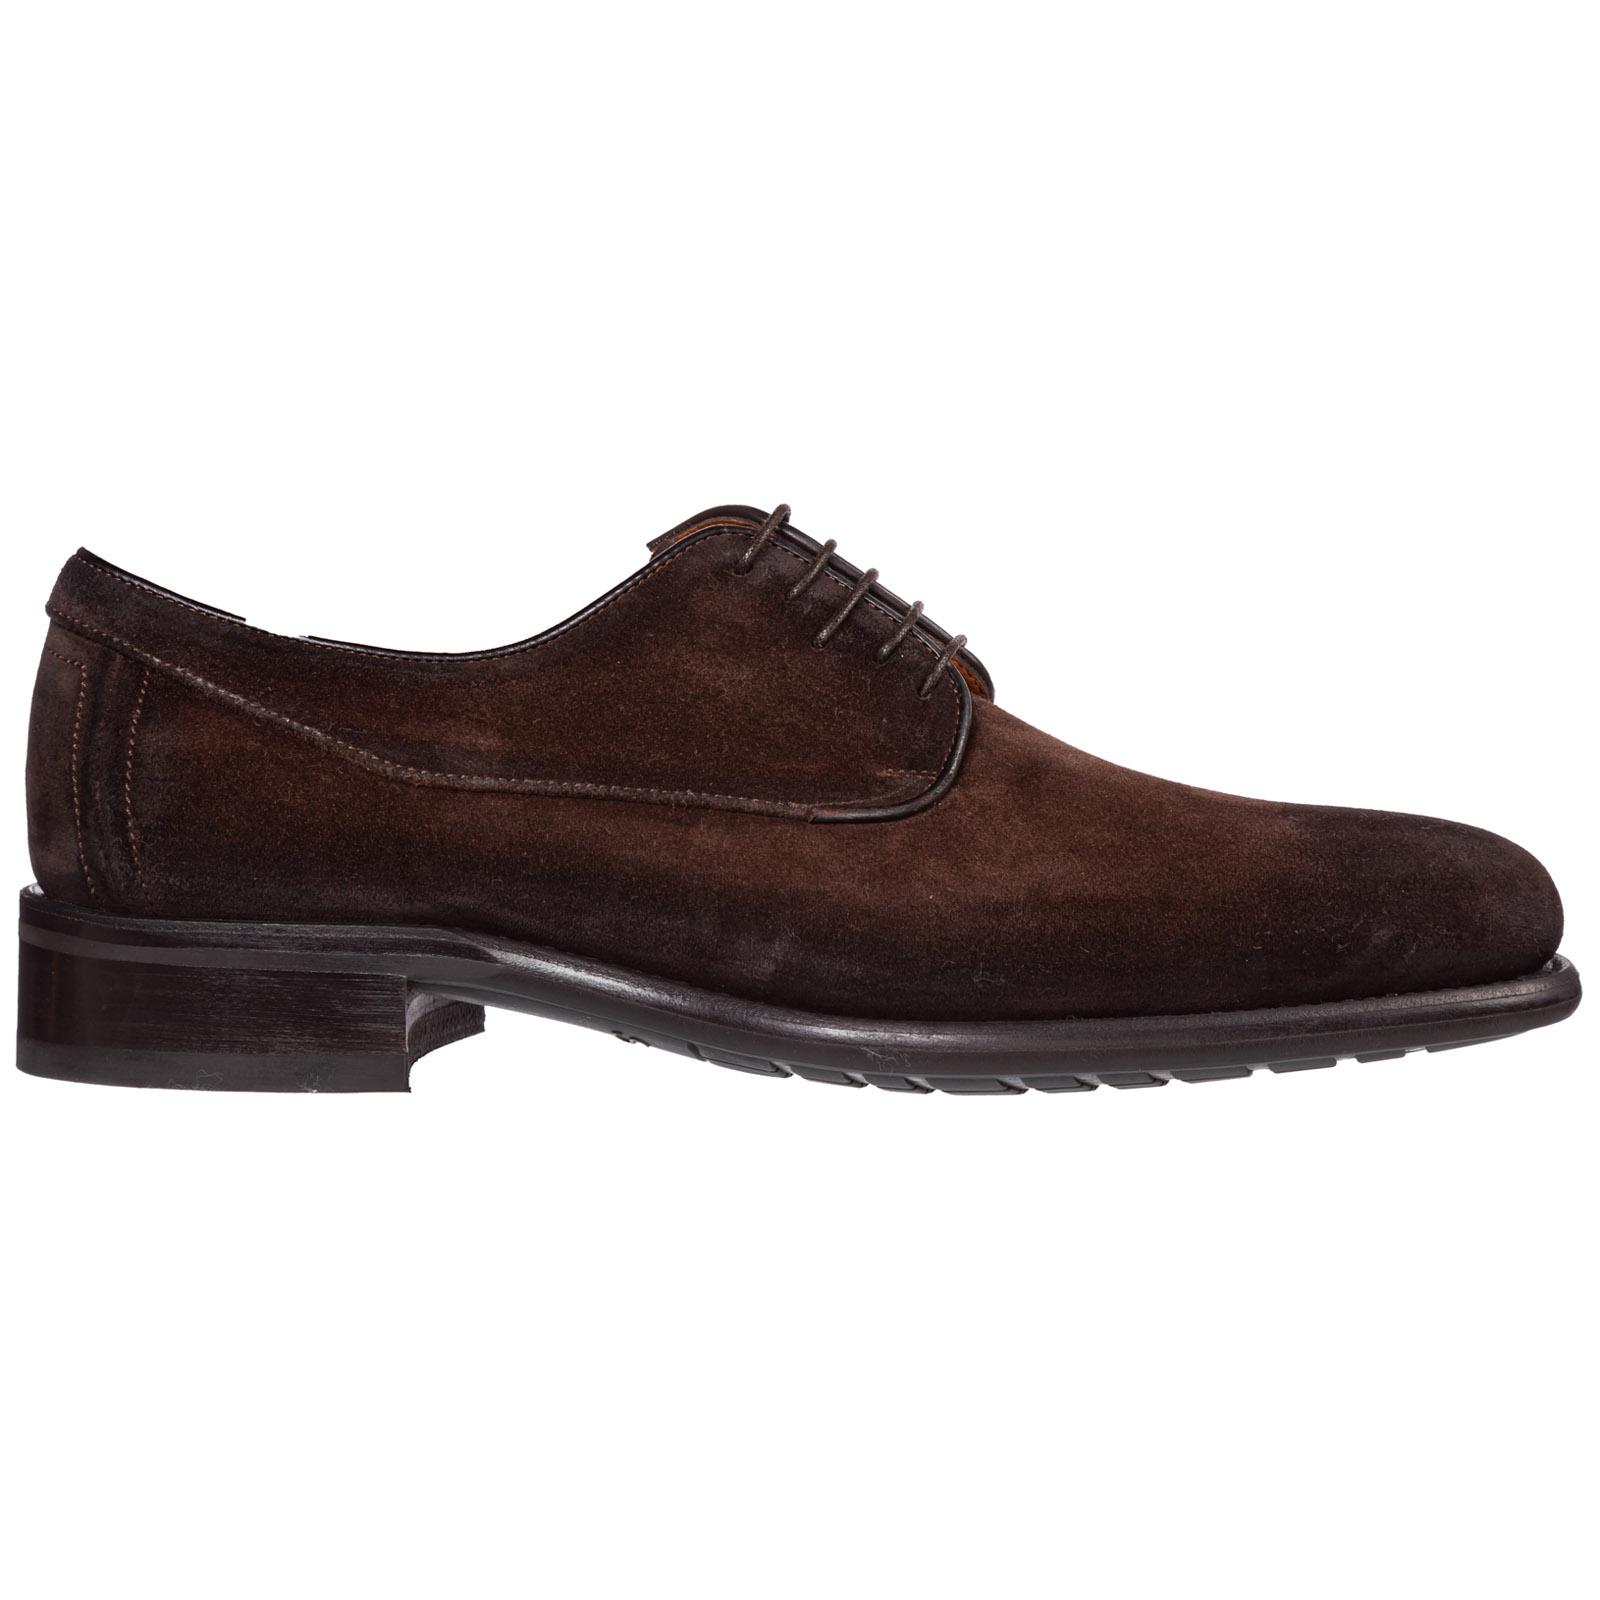 Santoni Shoes MEN'S CLASSIC SUEDE LACE UP LACED FORMAL SHOES DERBY